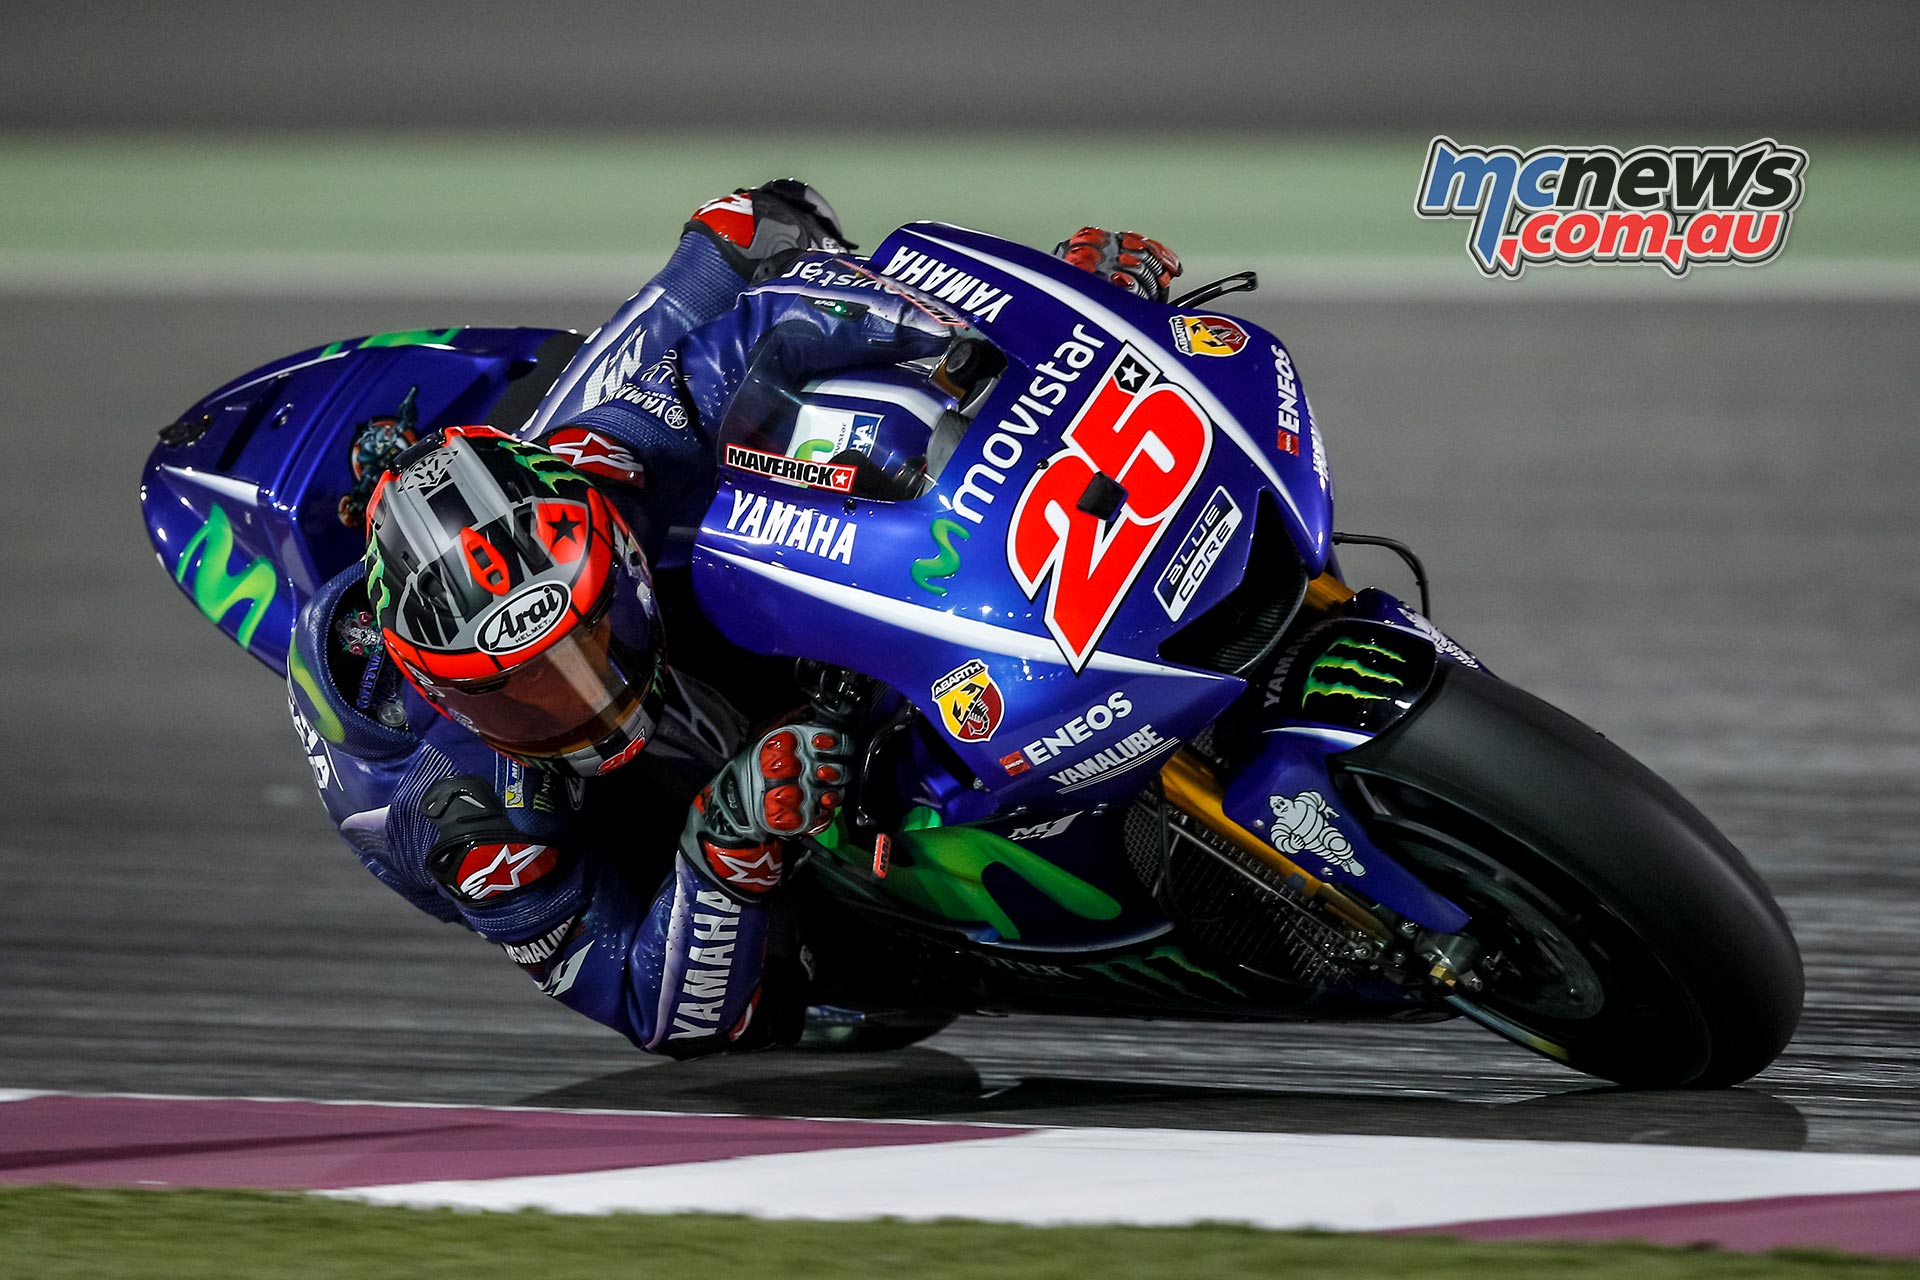 Maverick Vinales MotoGP Wallpaper HD